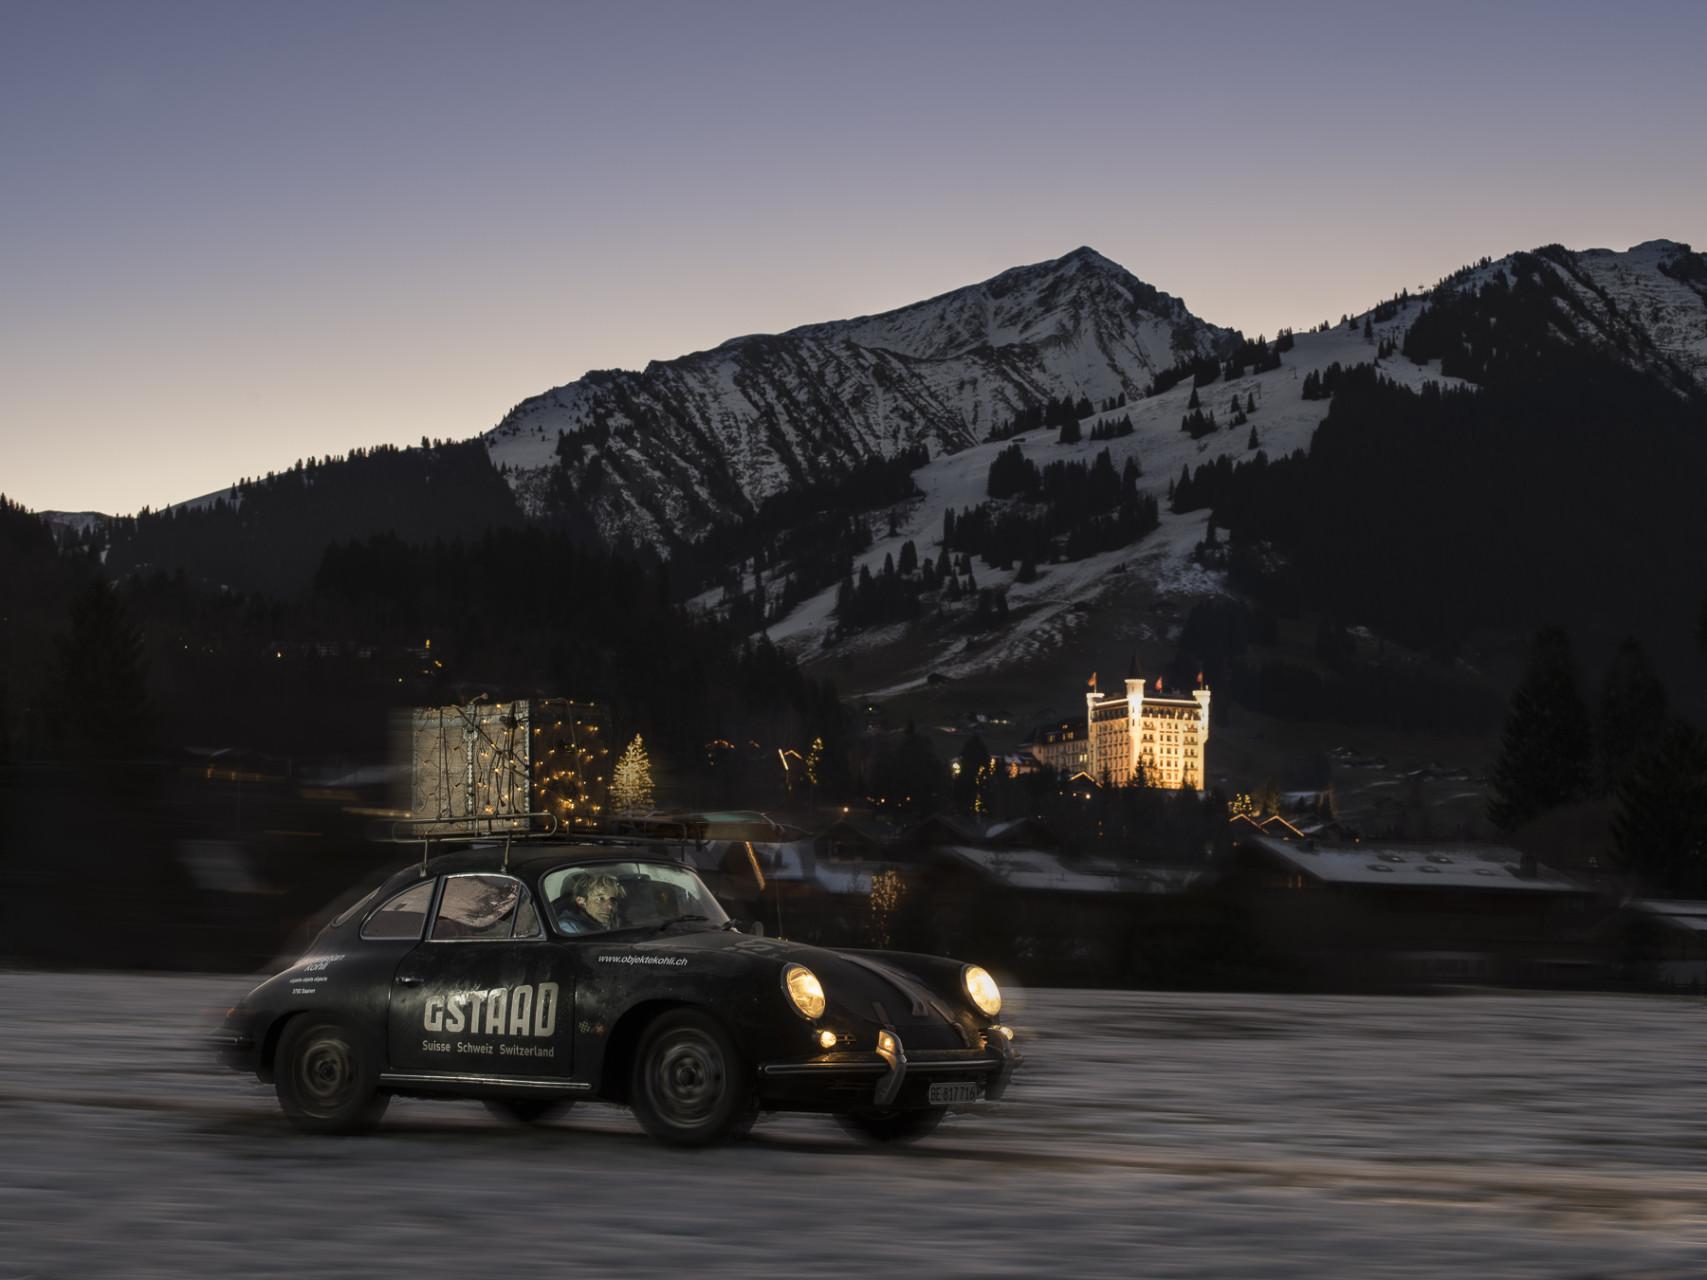 Porsche – Gstaad